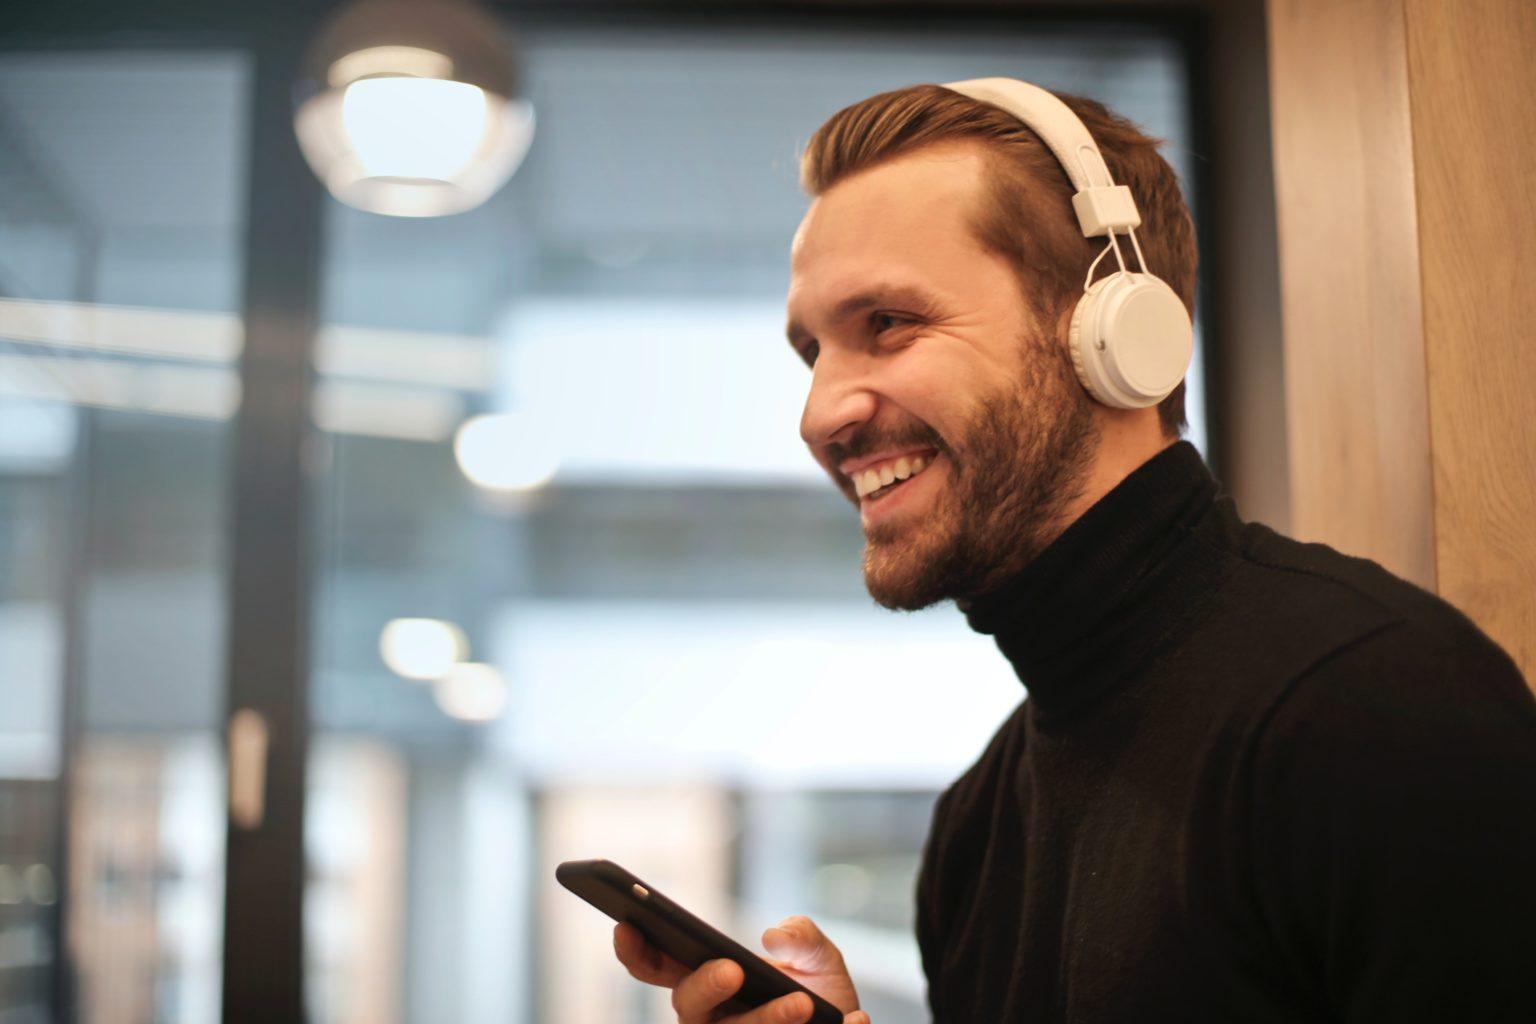 Не просто чтение: 5 аудиокниг, от которых невозможно оторваться